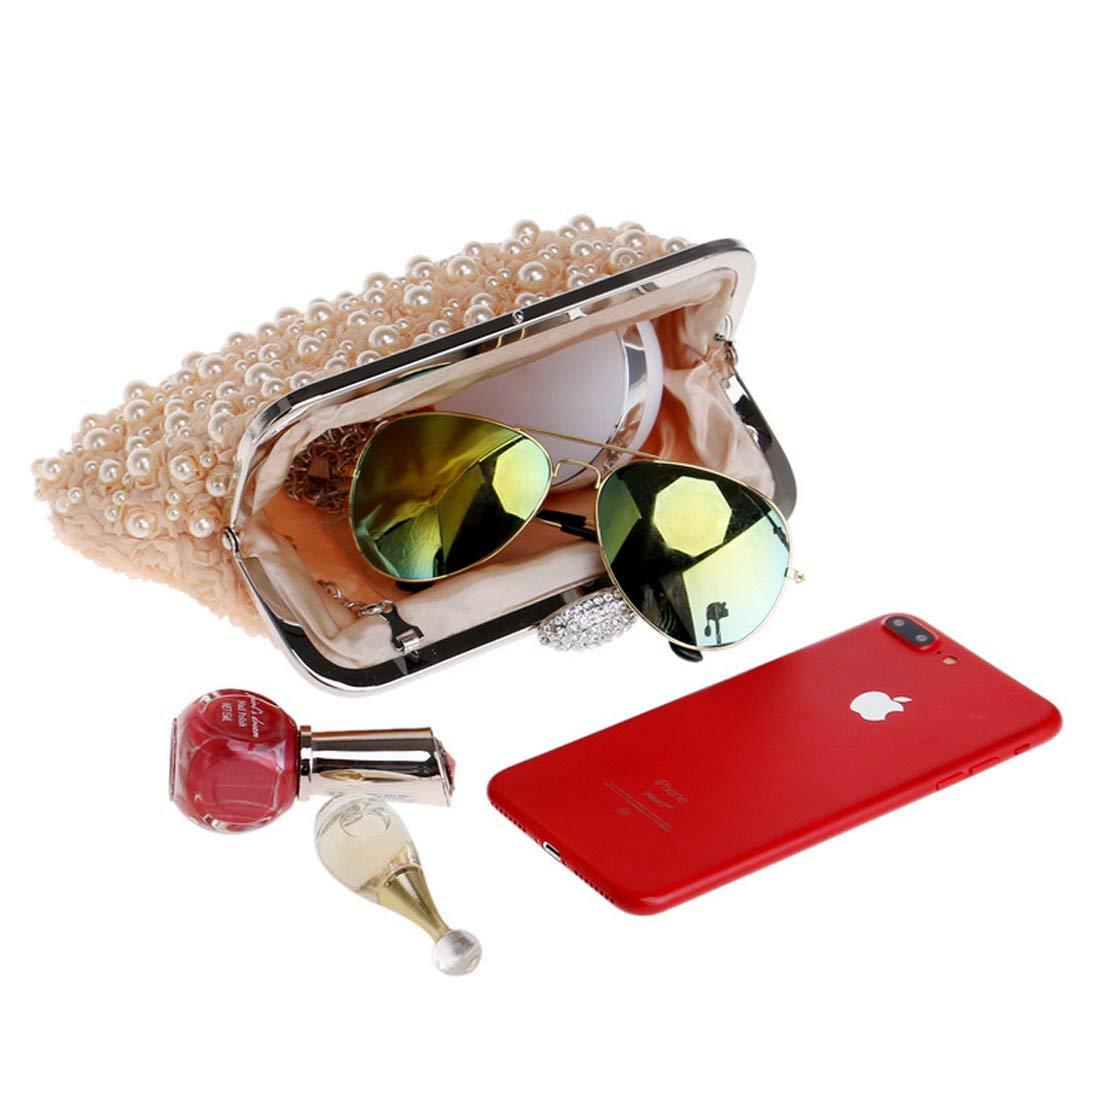 Artwell Women Pearl Beaded Evening Clutch Luxury Rhinestone Wedding Party Handbag Purse for Lady